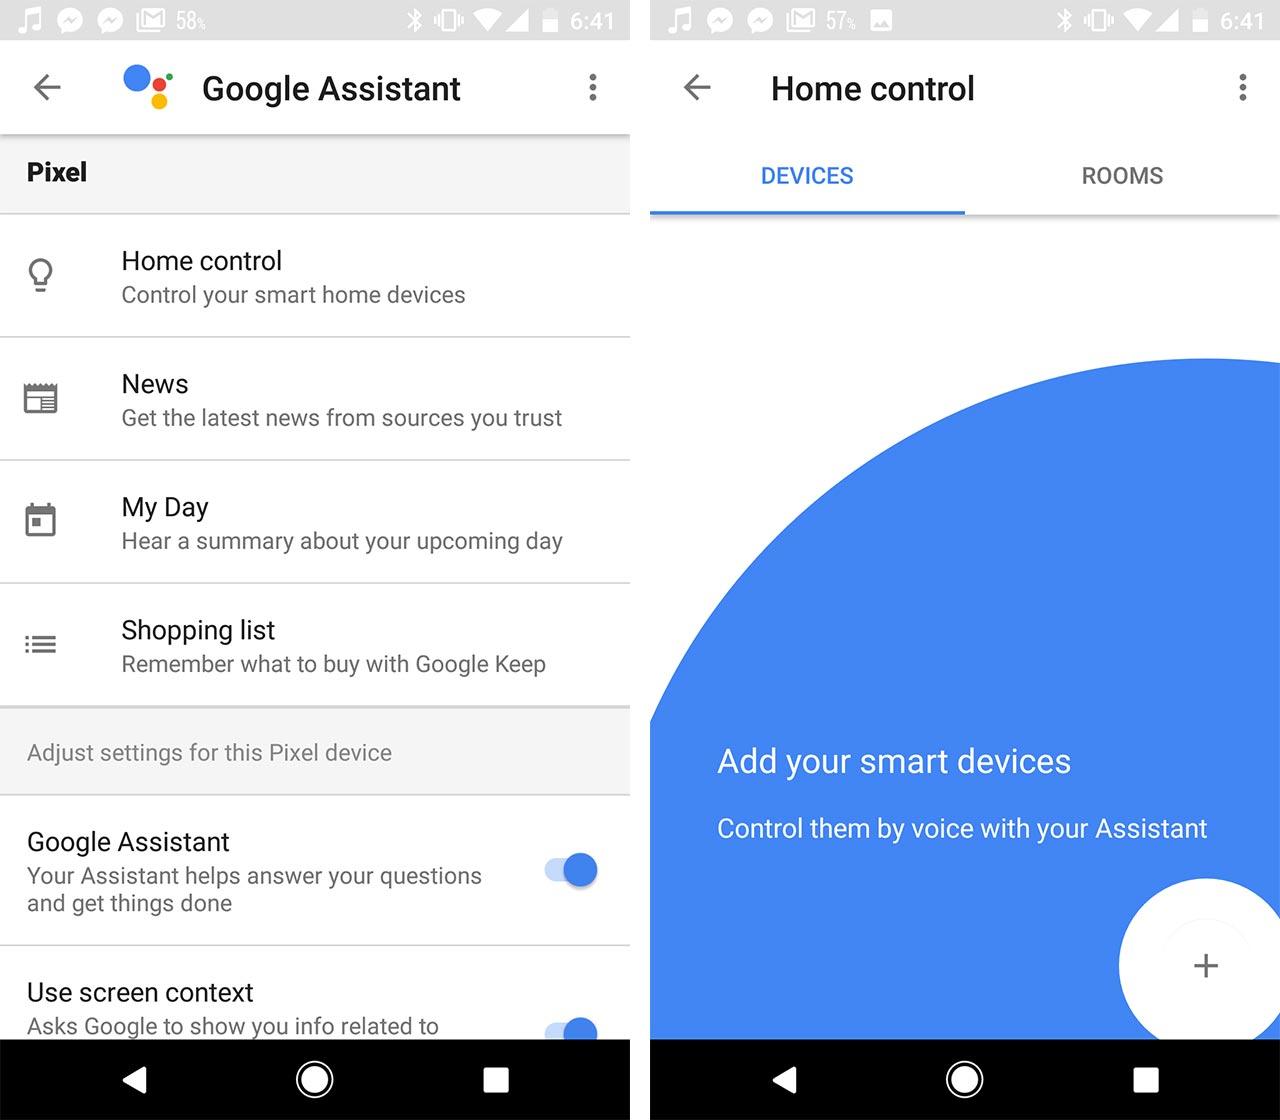 google assistant home control screen shots